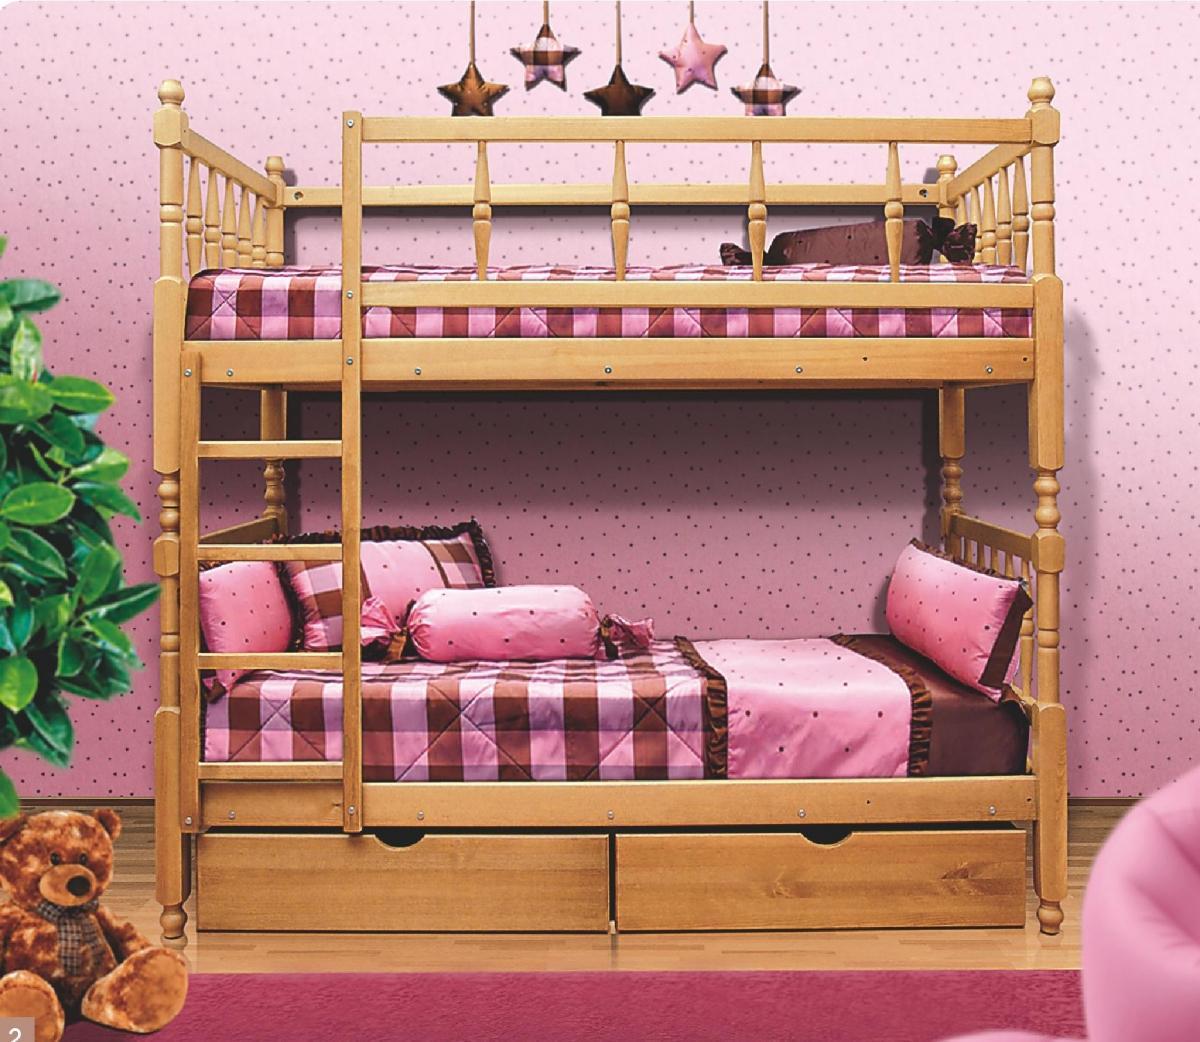 lit superposé dans la chambre de bébé dans le style de shebby chic